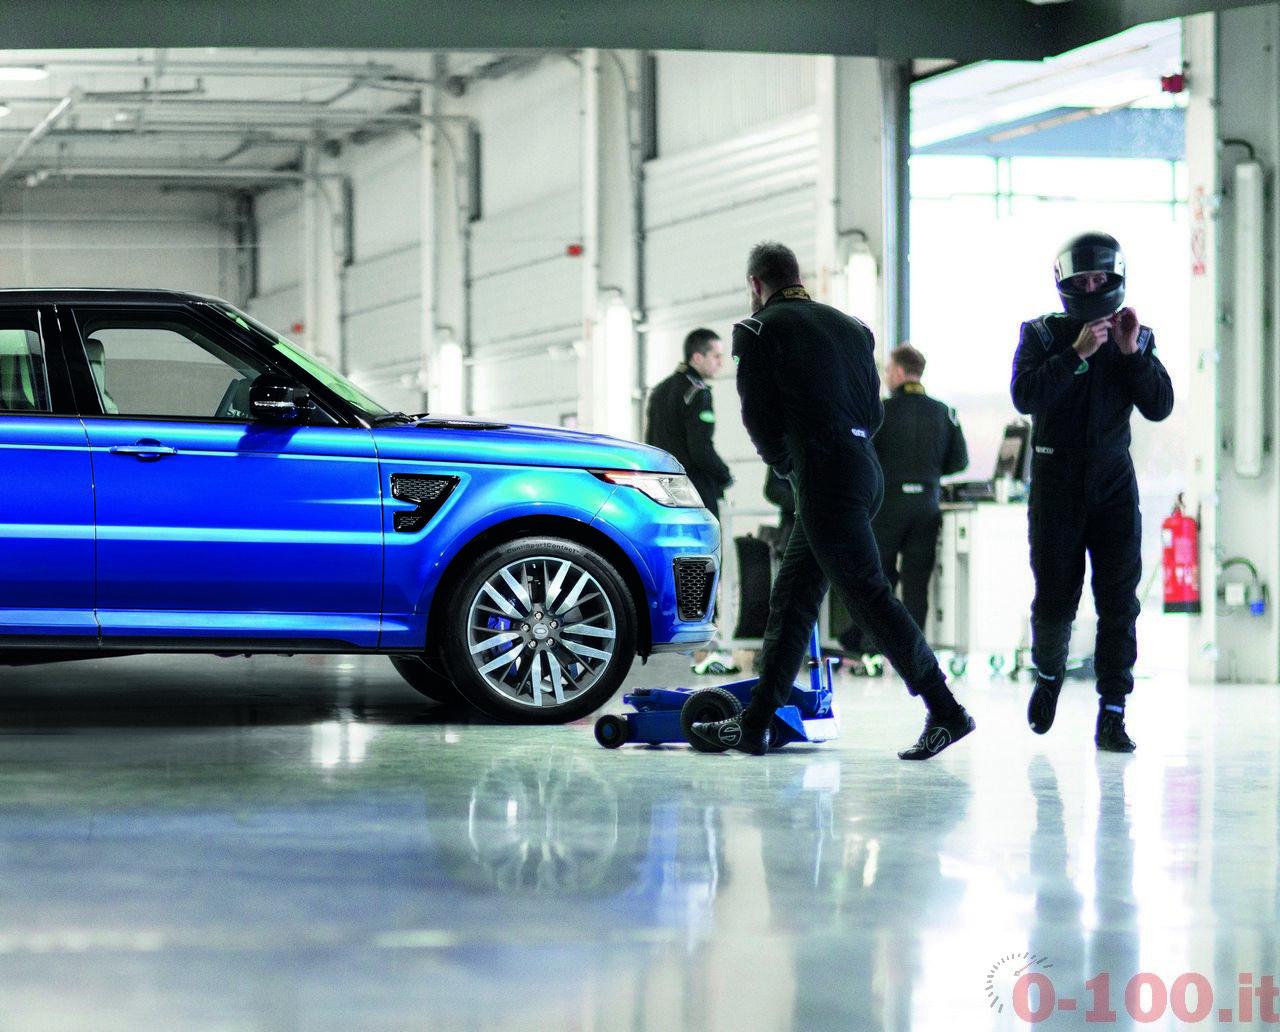 land-rover-range-rover-sport-svr-0-100-price-prezzo_30